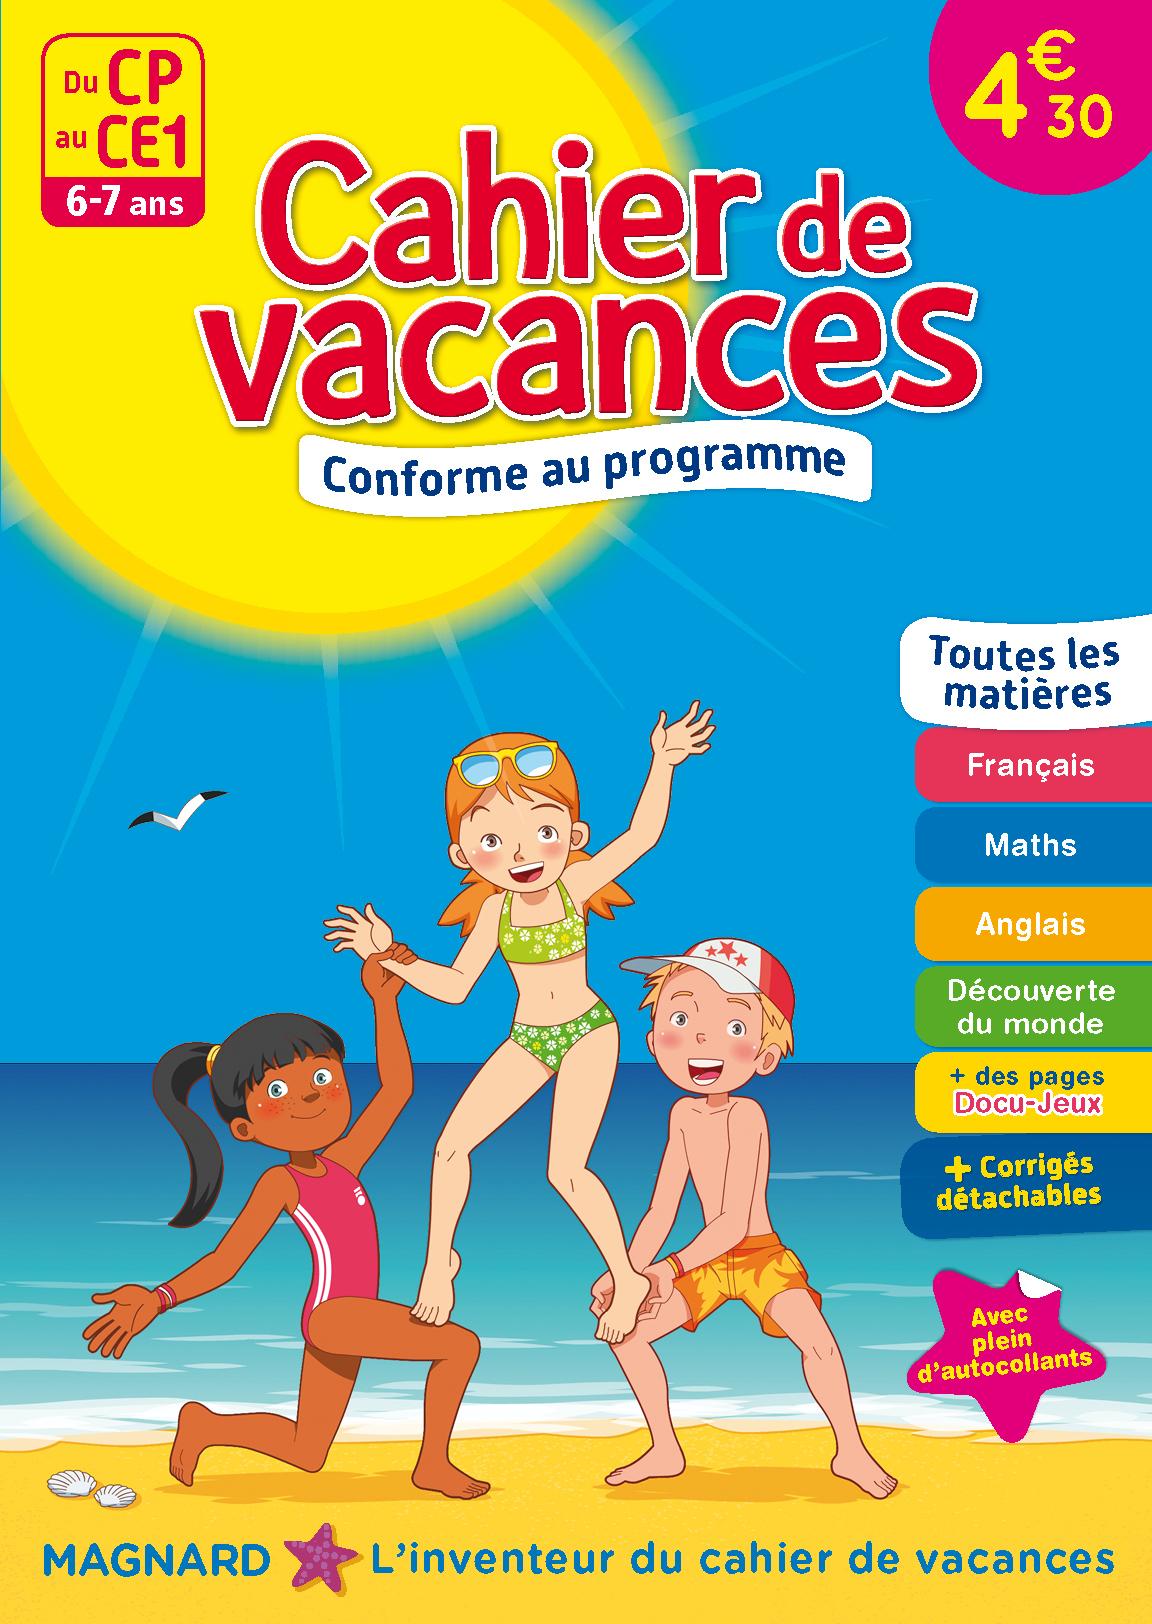 DU CP AU CE1 CAHIERS DE VACANCES 2017 6 7 ANS